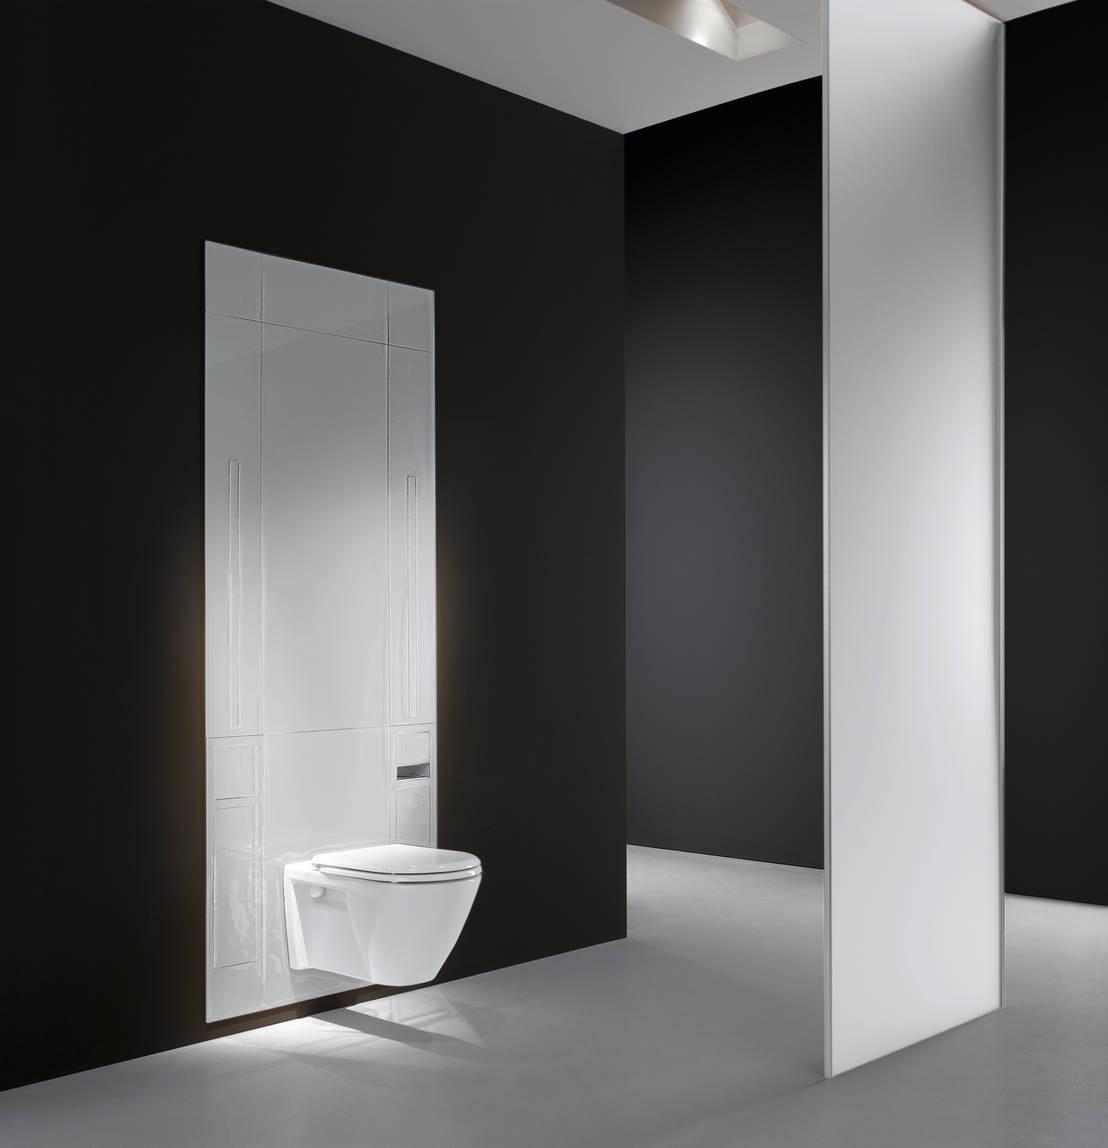 hewi sanit r system s 01 door hewi heinrich wilke gmbh. Black Bedroom Furniture Sets. Home Design Ideas